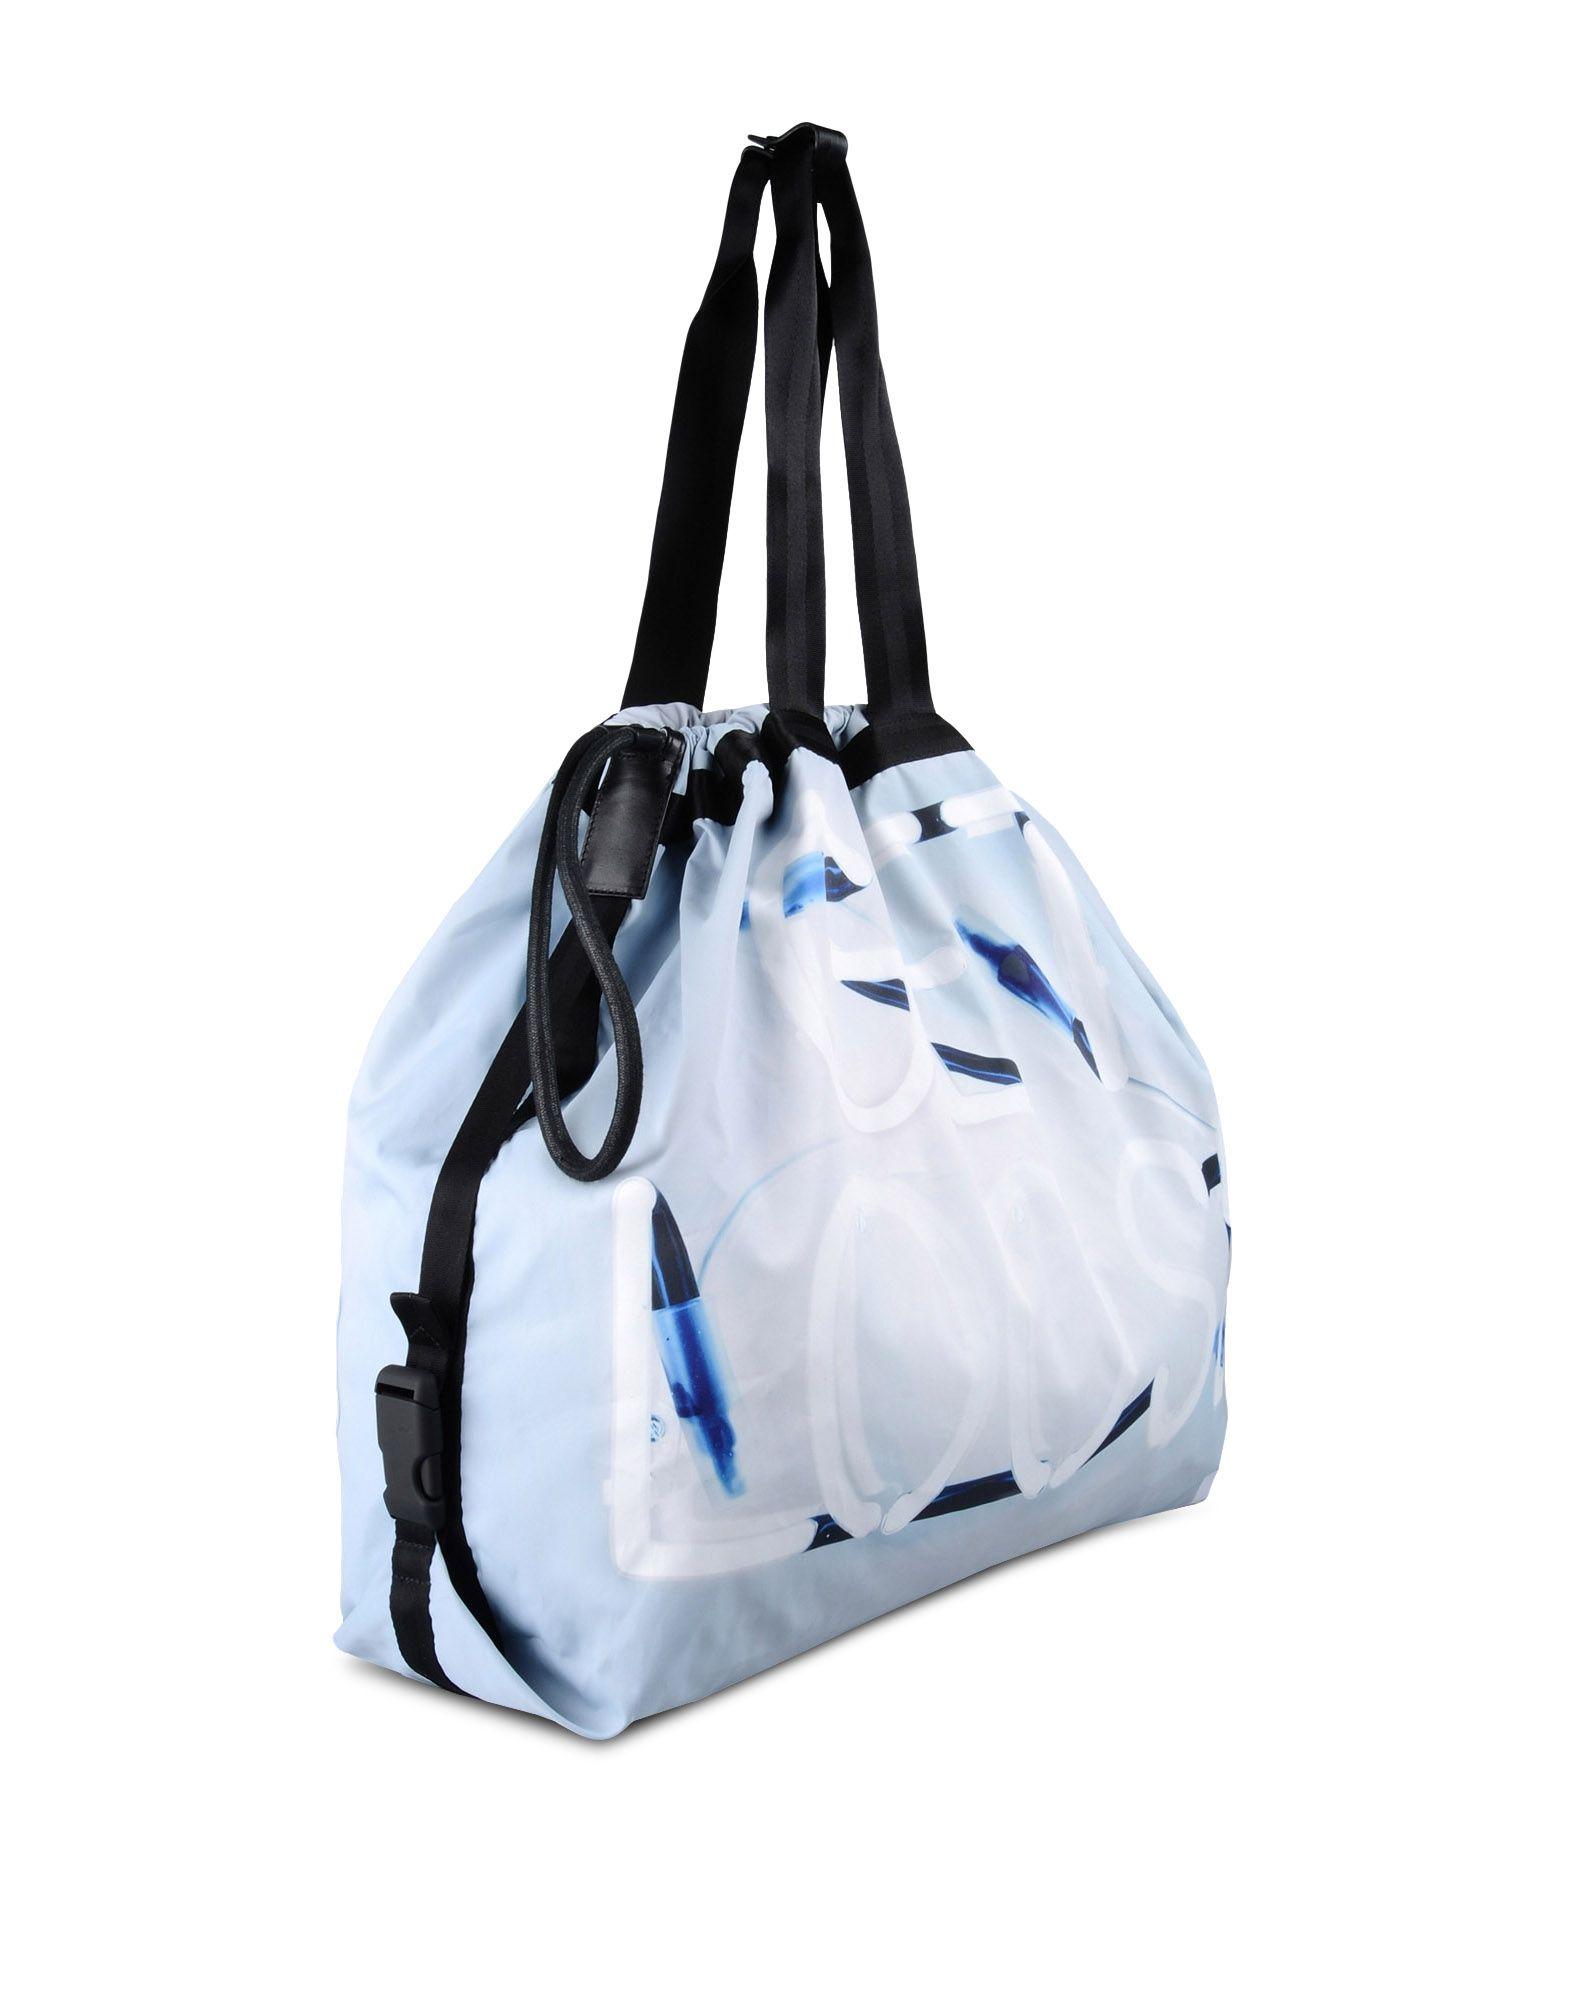 Y-3 BEACH BAG BAGS unisex Y-3 adidas